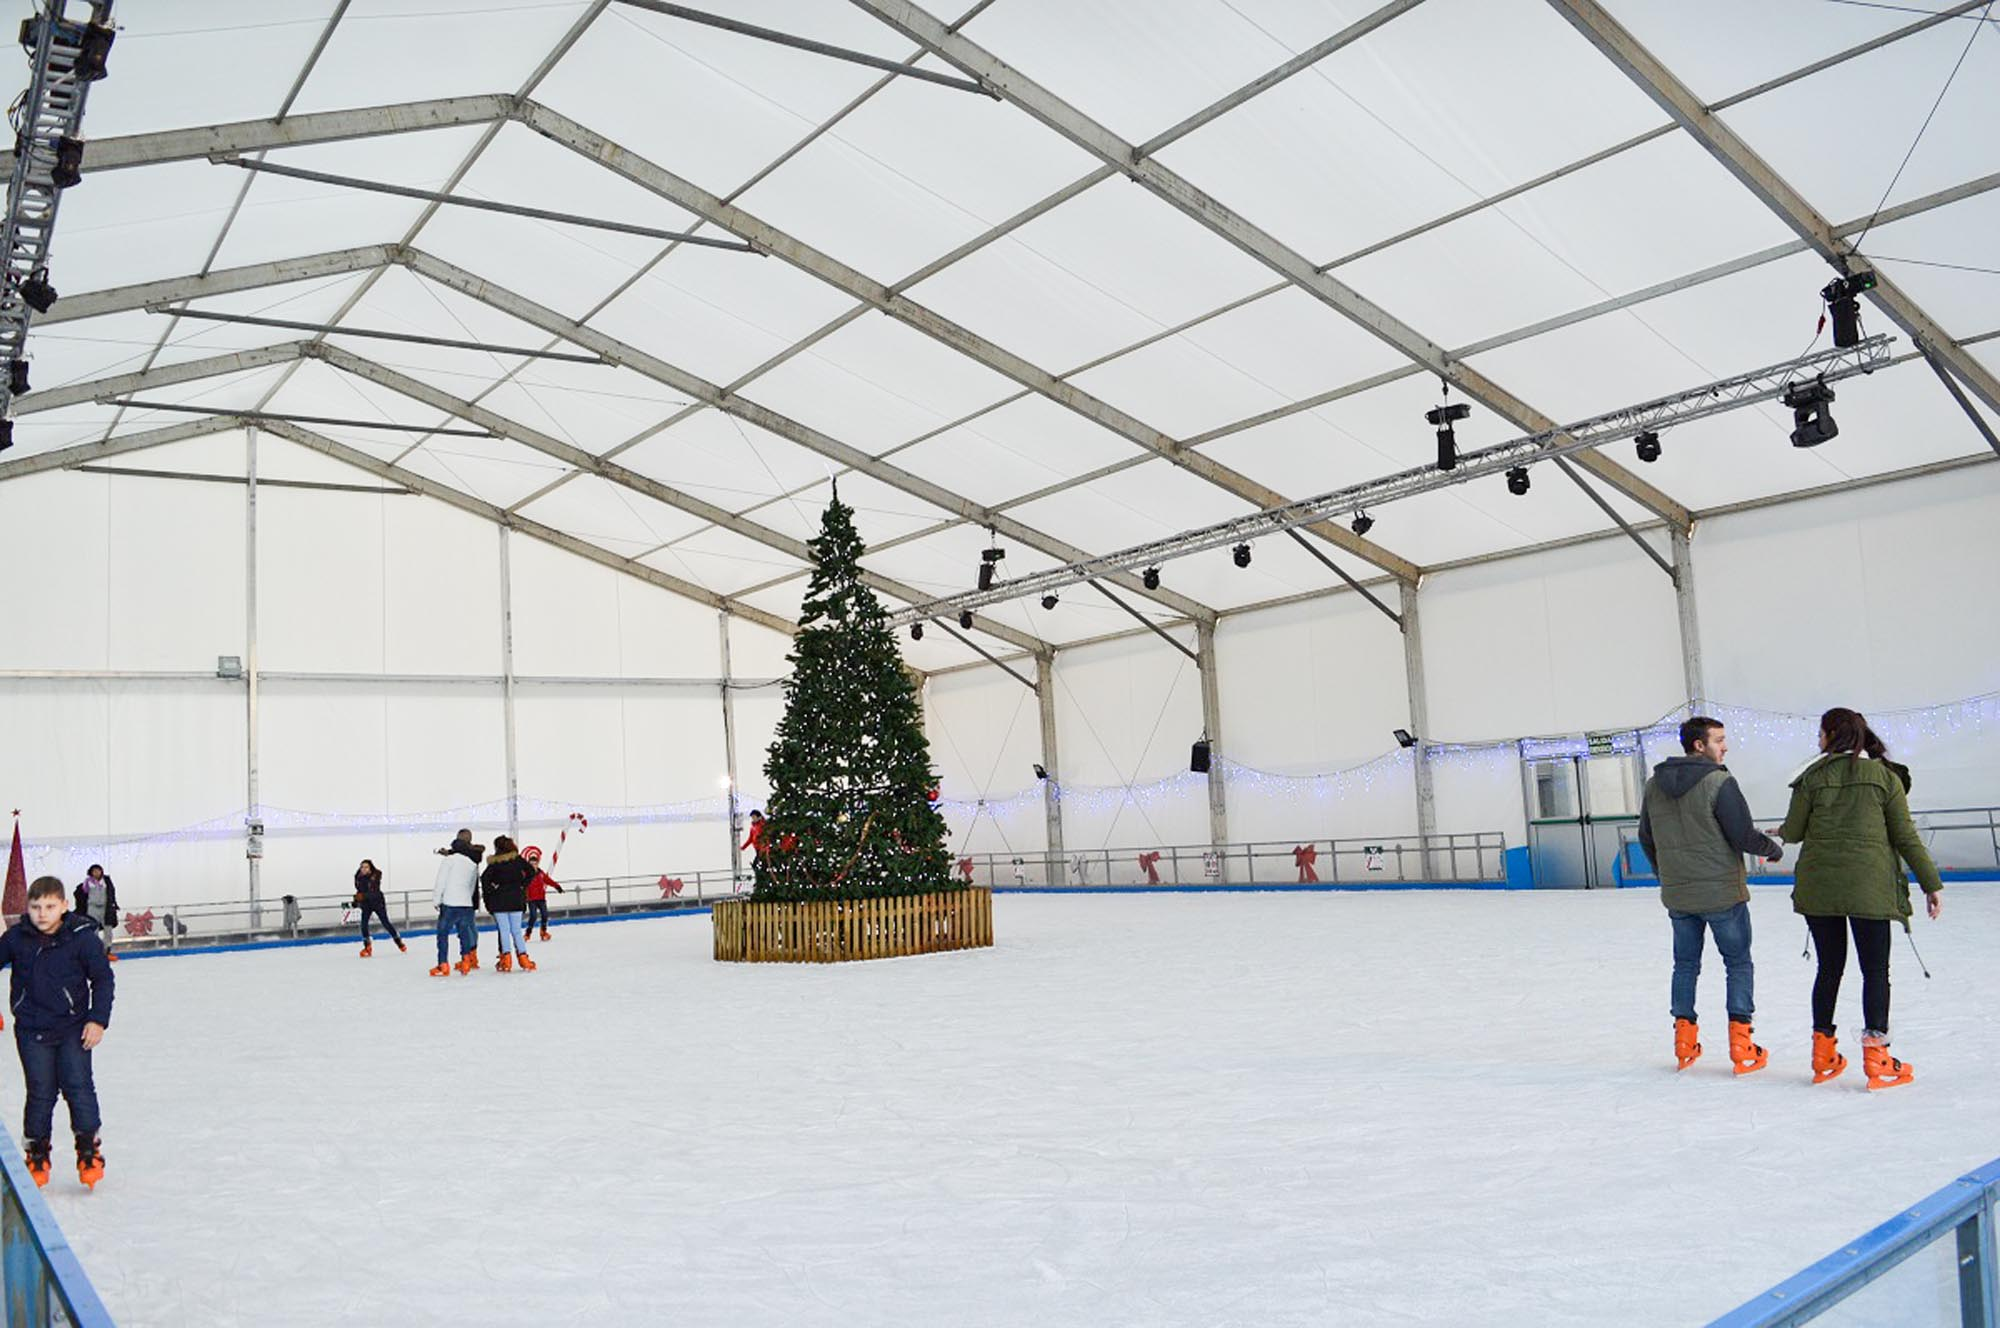 Carpa para pista de hielo por ARACARPAS, empresa de venta y alquiler de carpas